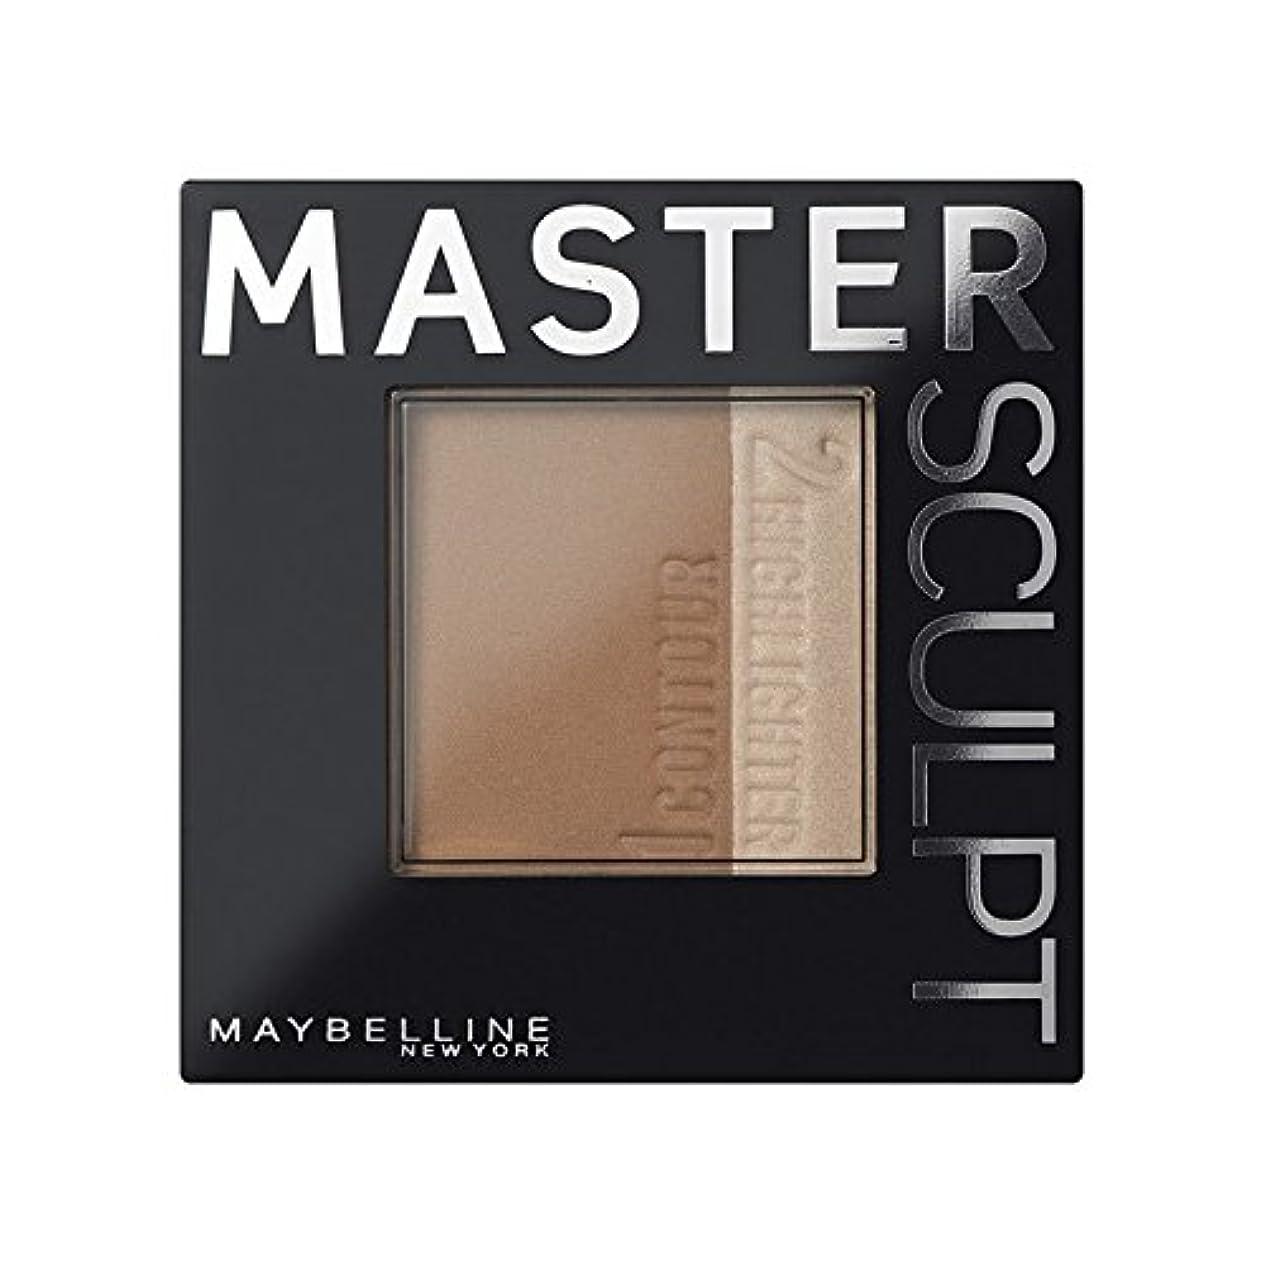 傾向がある標高沼地Maybelline Master Sculpt Contouring Foundation 01 Light/Med - 土台01光/ を輪郭メイベリンマスタースカルプト [並行輸入品]